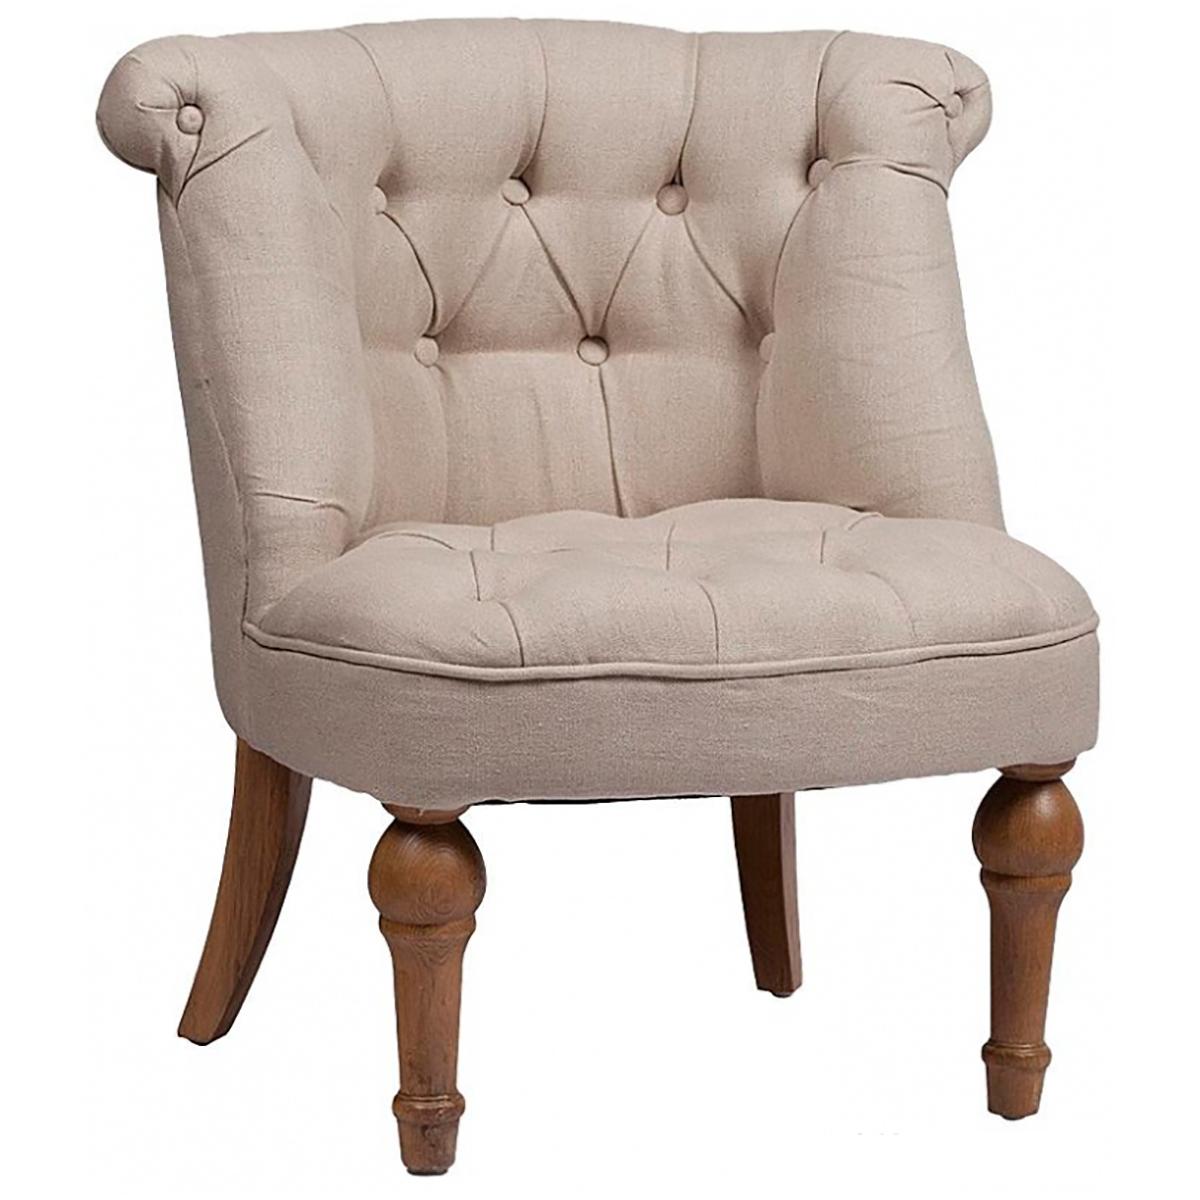 Купить Кресло Sophie Tufted Slipper Chair Молочный Лён в интернет магазине дизайнерской мебели и аксессуаров для дома и дачи